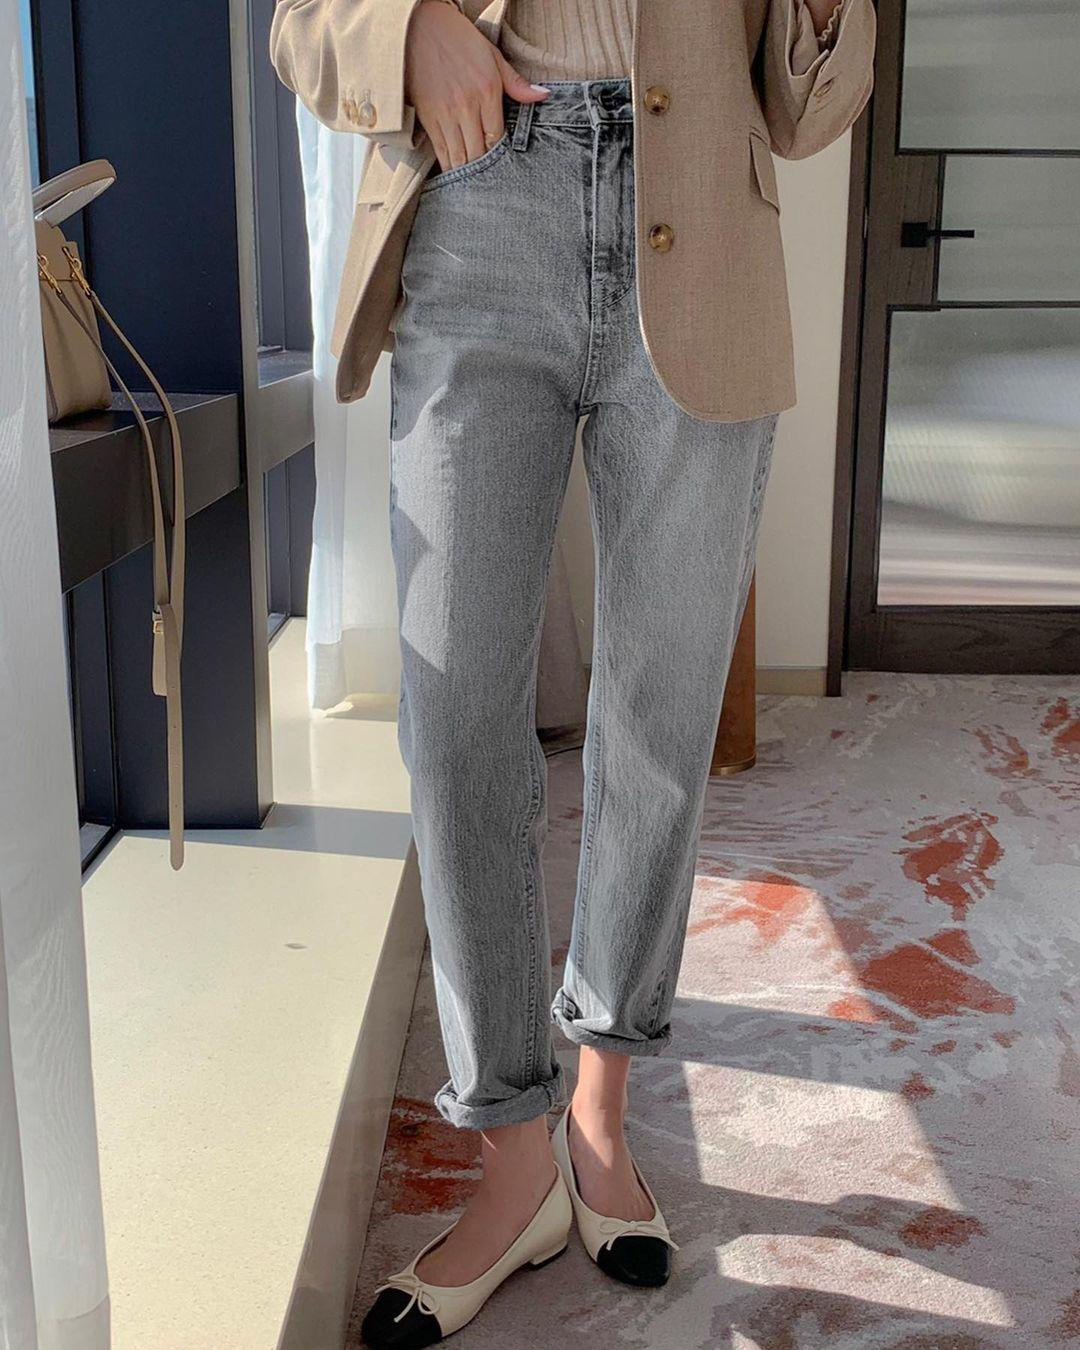 Kiểu giày búp bê hot nhất mùa Xuân: Diện với quần jeans hay váy đều xịn đẹp Ảnh 5